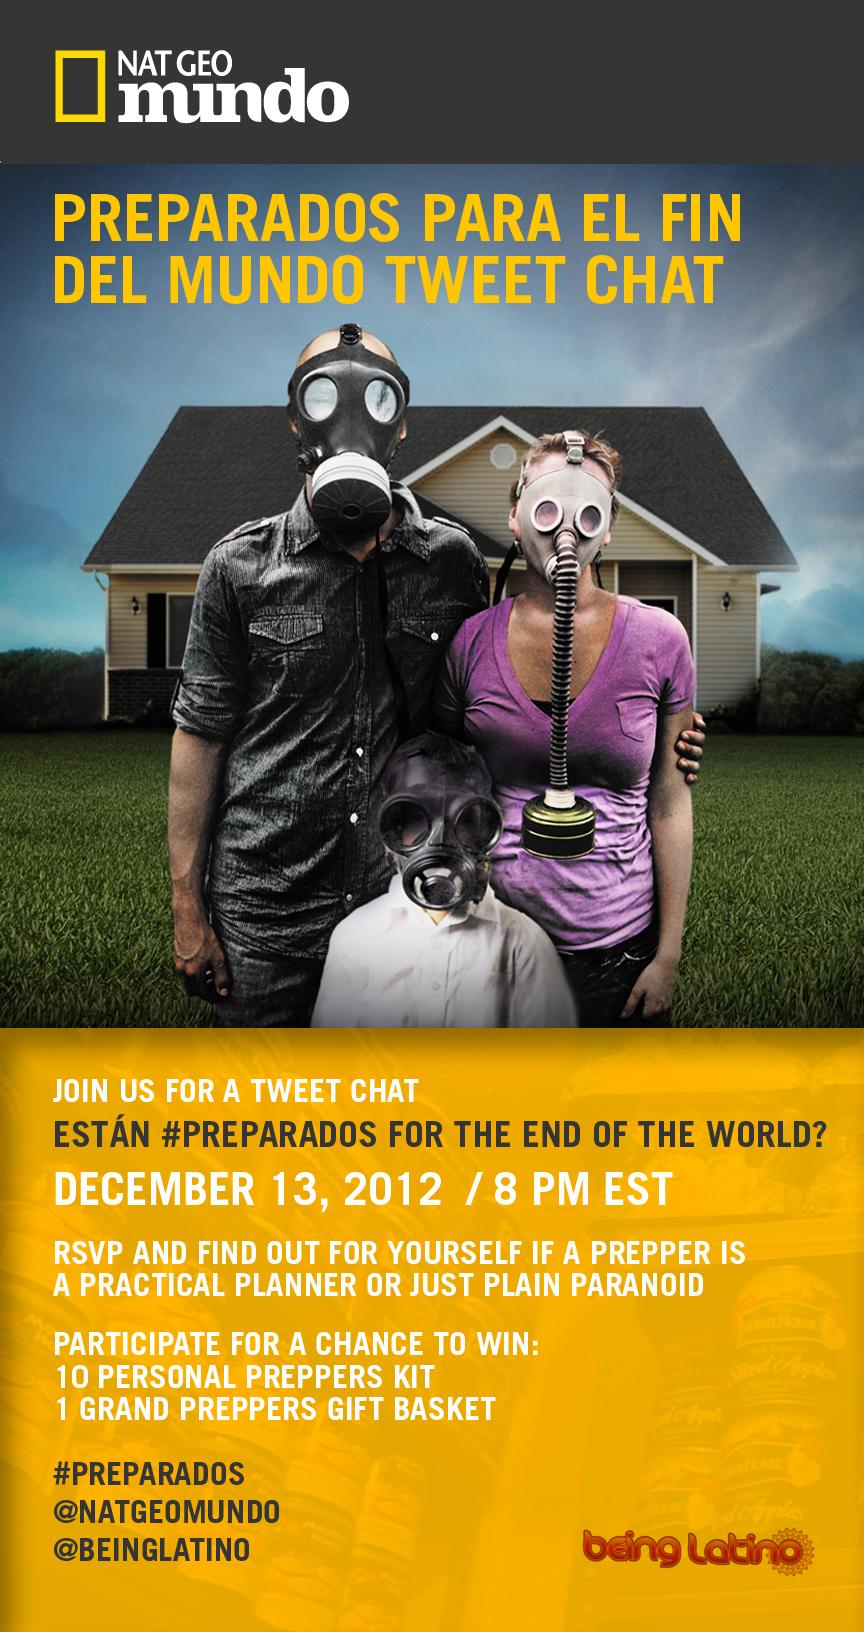 Acompáñanos al Tweet Chat #Preparados para el Fin del Mundo.